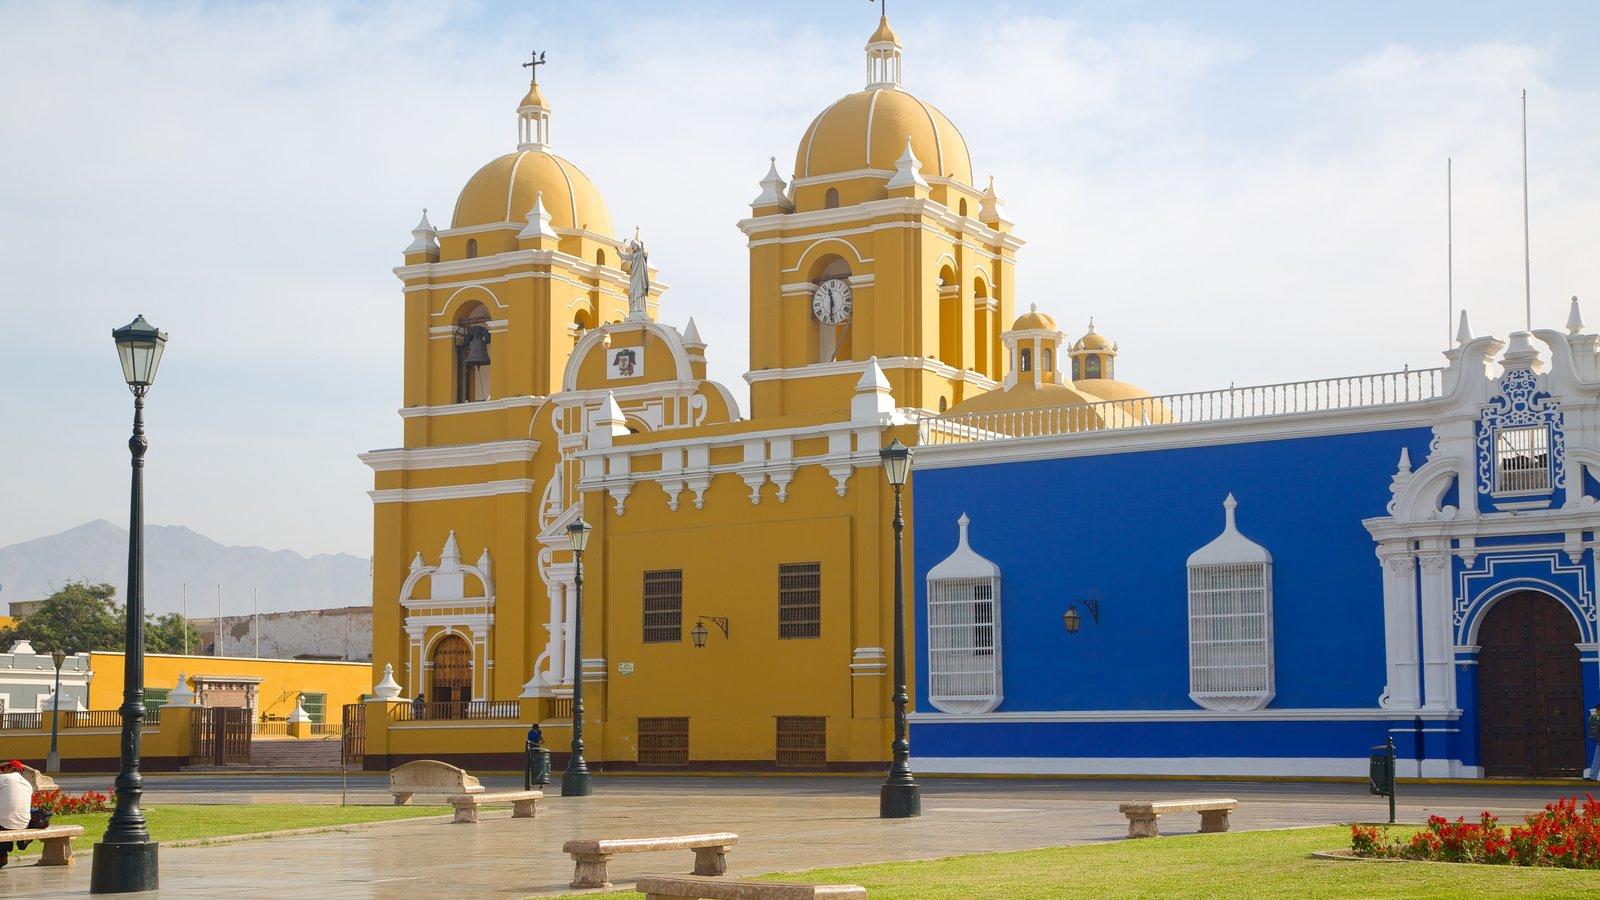 Catedral de Trujillo mostrando uma igreja ou catedral